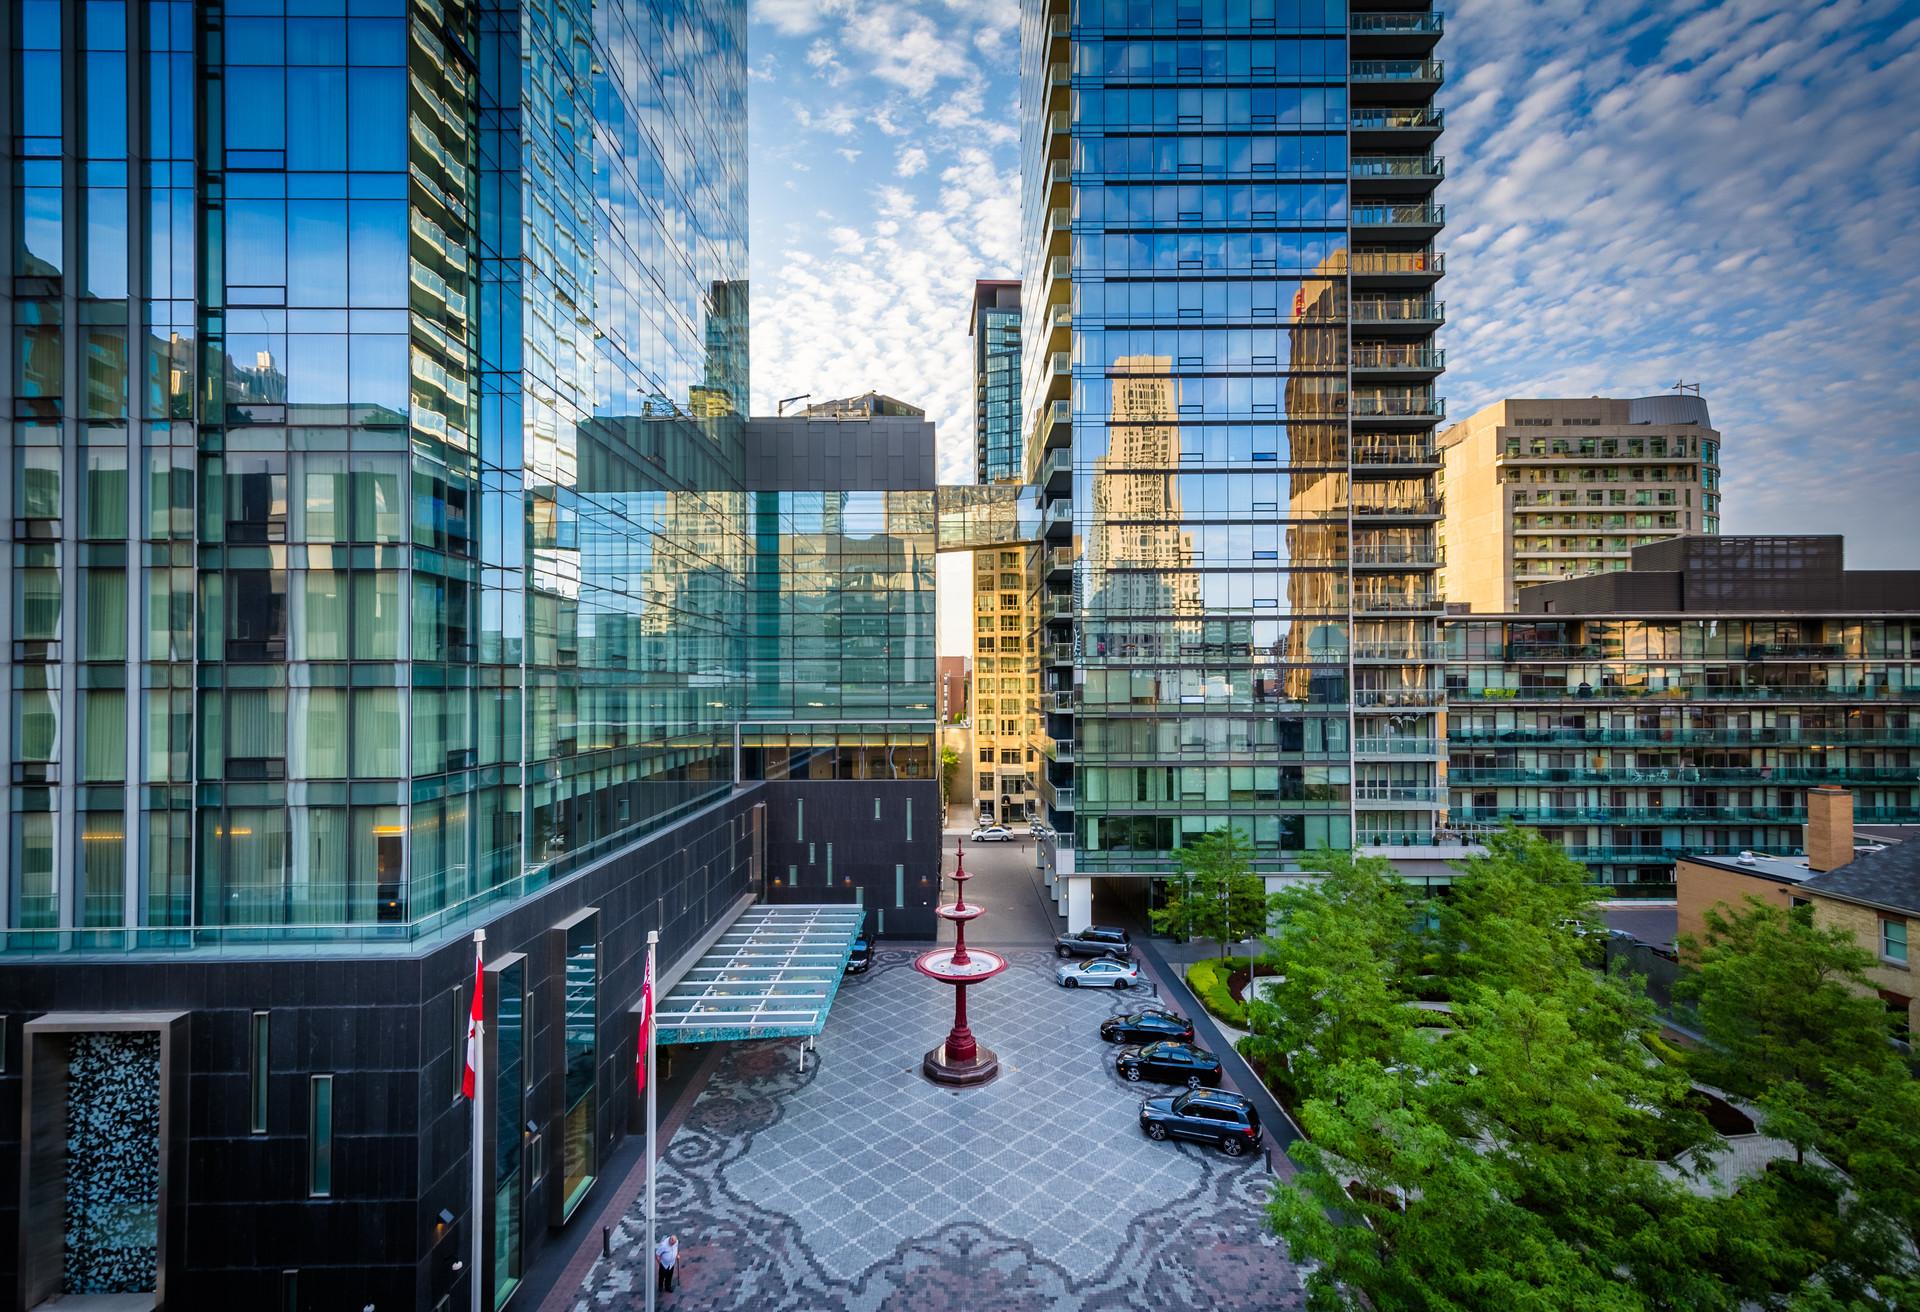 La culture est le maître mot à Toronto, il y en a pour tous les goûts !